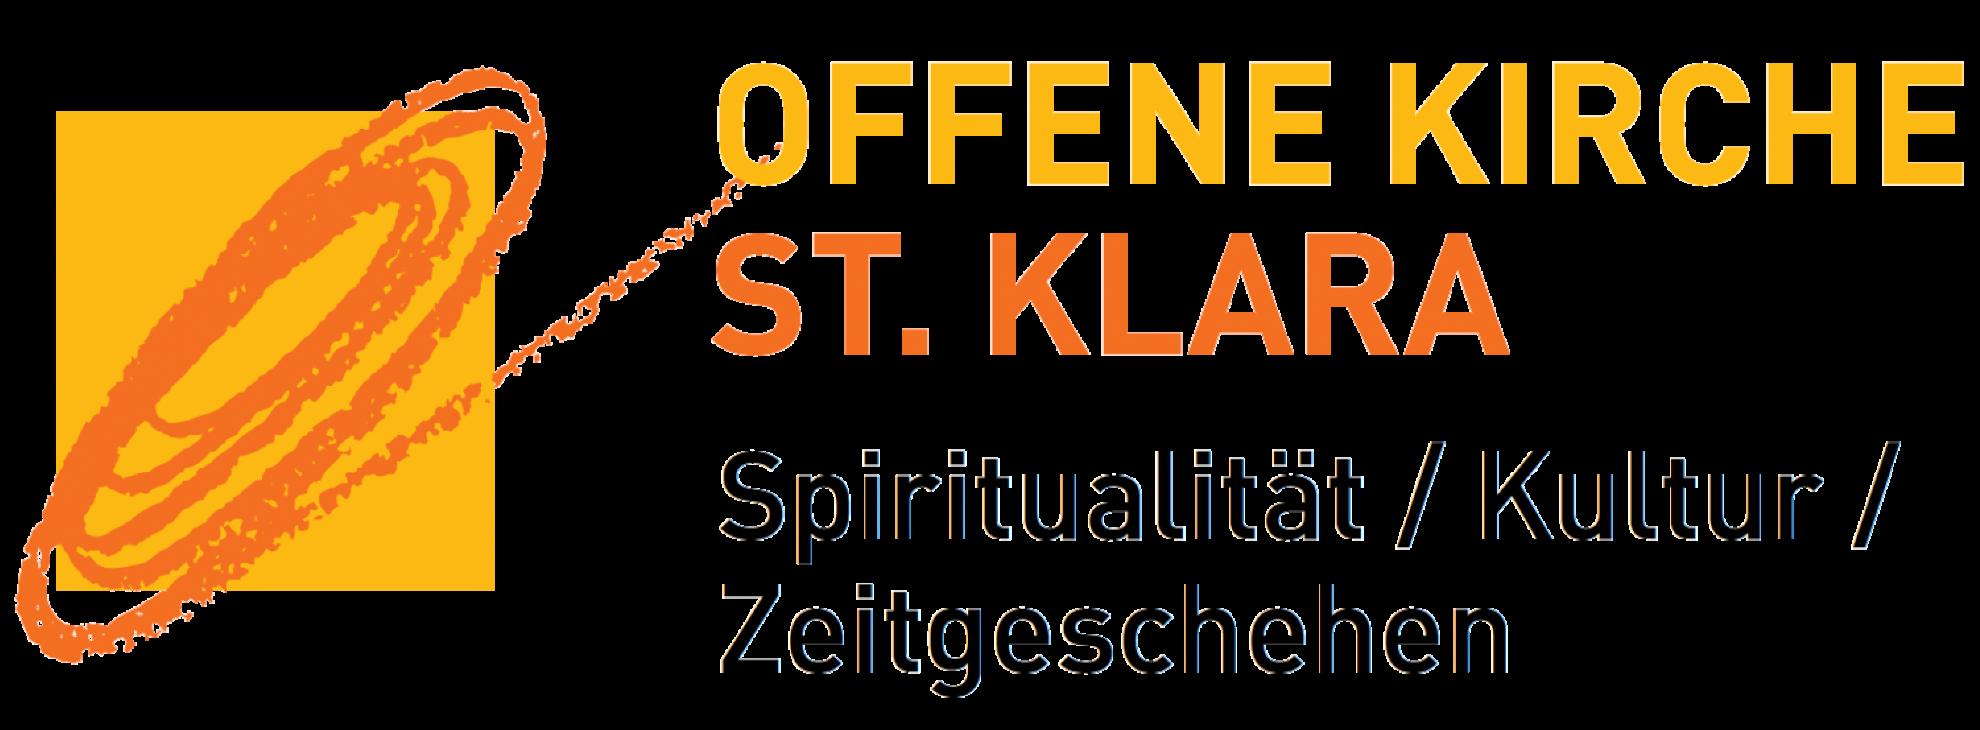 Offene Kirche Sankt Klara